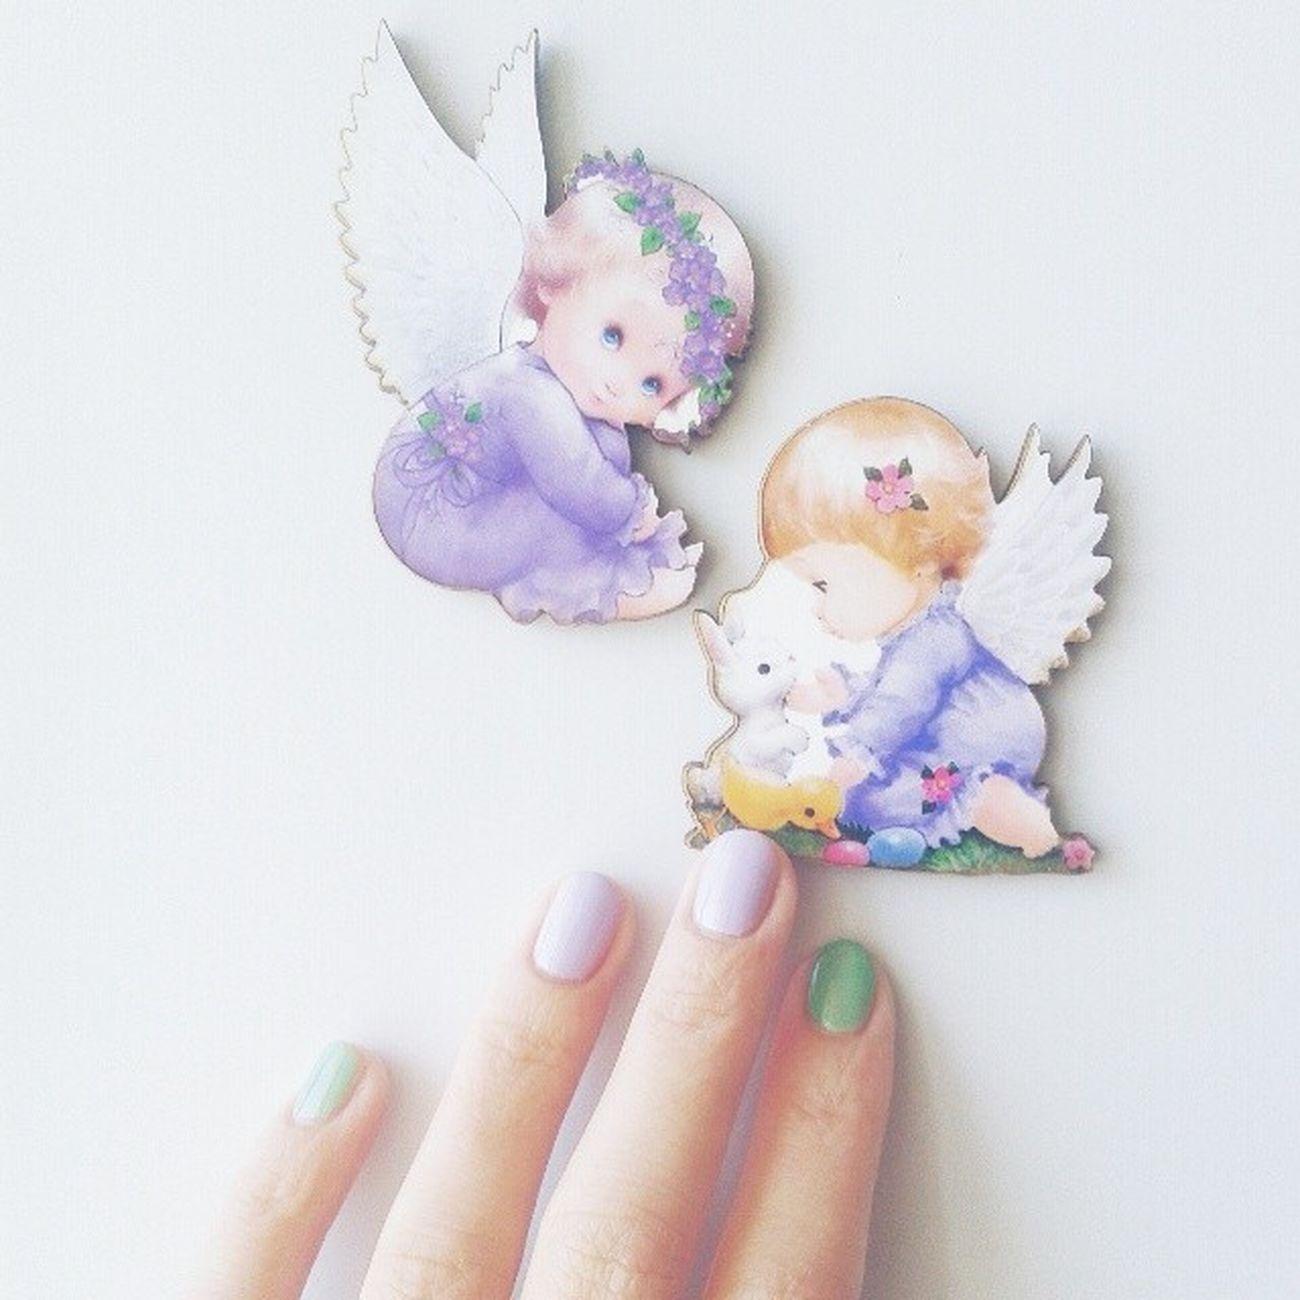 На холодильнике поселились ангелочки, а в холодильнике повесилась мышь, в такой мороз даже до магазина и на машине как-то безперспективняк))) ябыспасламирнояещевпижаме